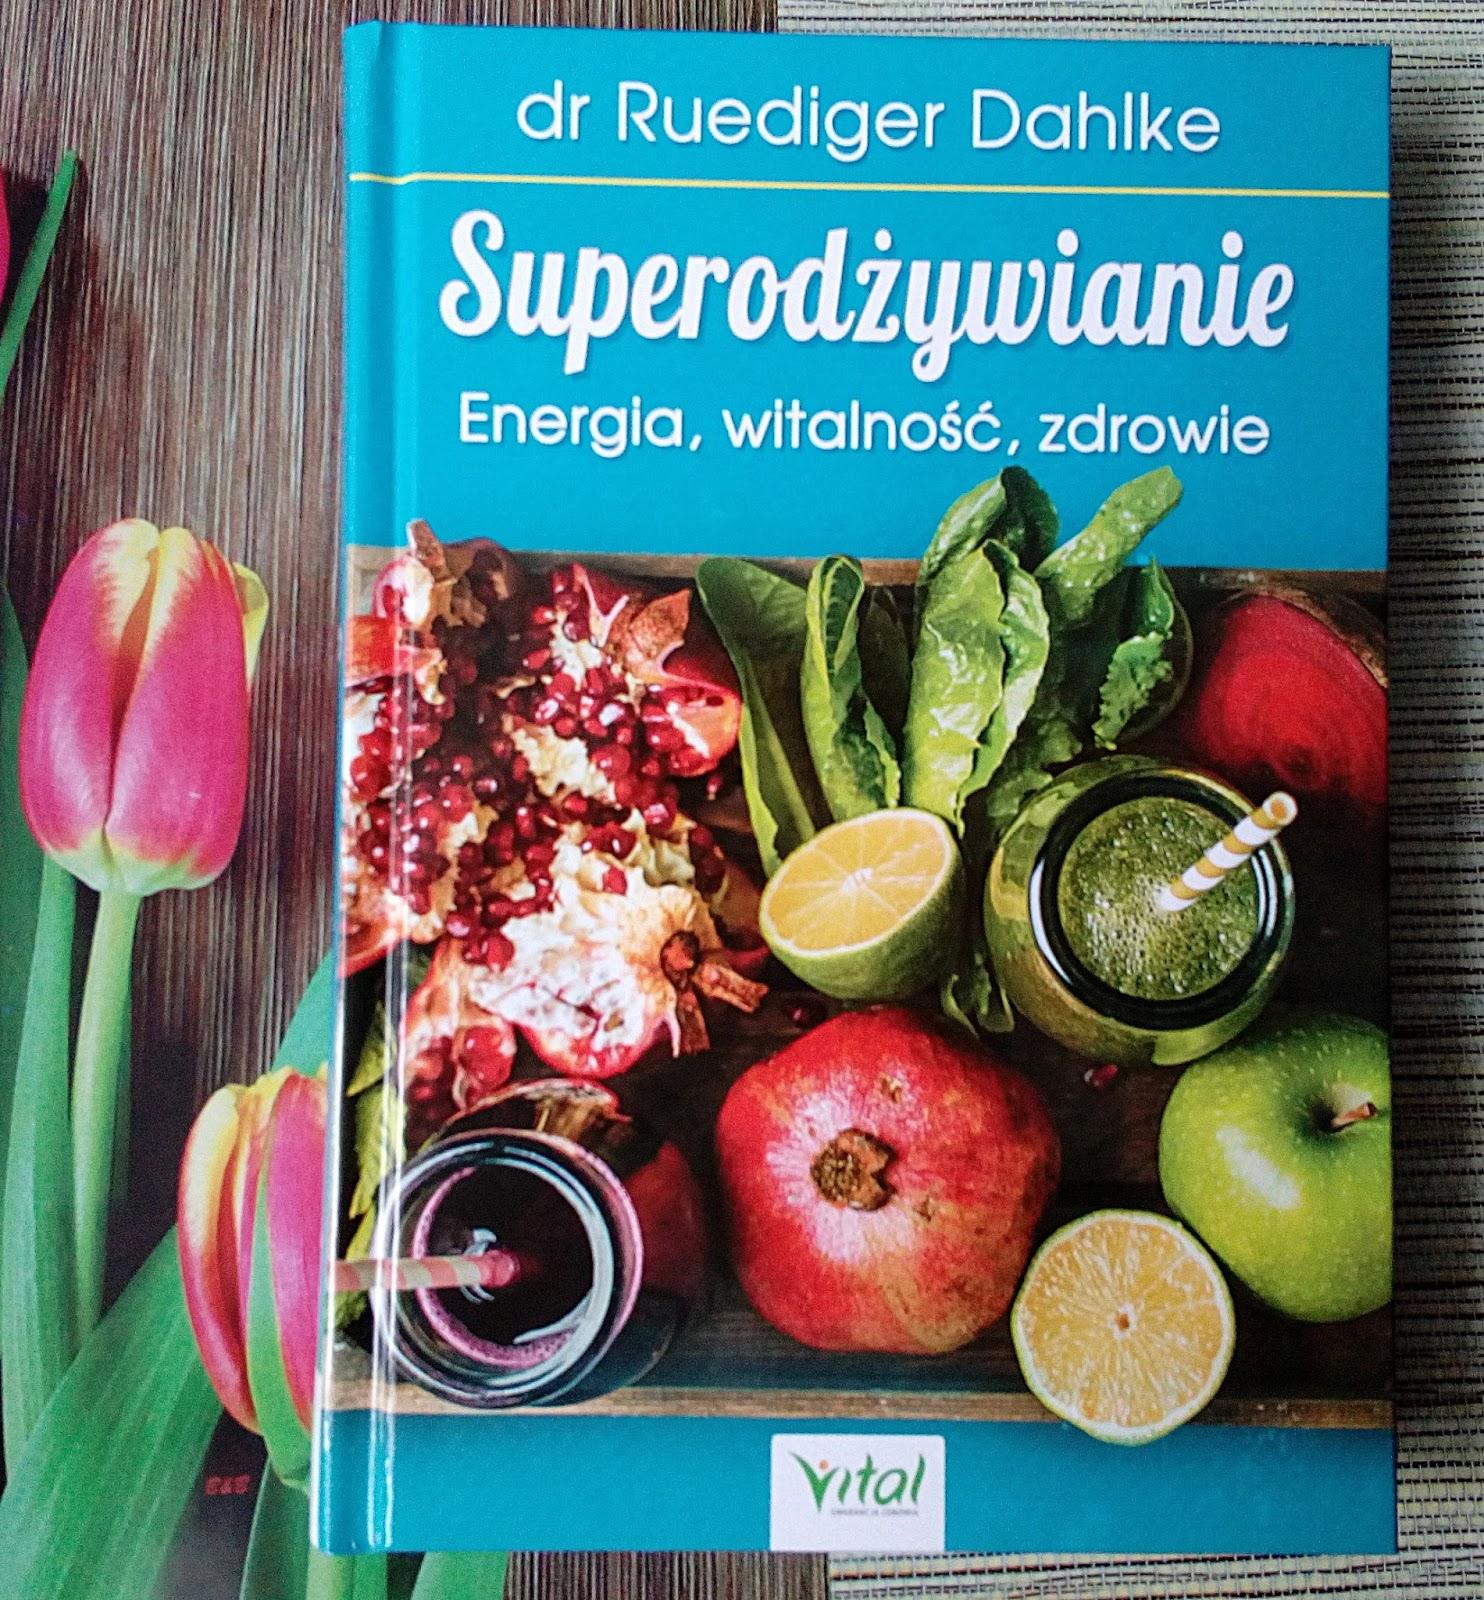 Zdowepodejście.pl || Recenzja książki Superodżywianie dr Ruediger Dahlke